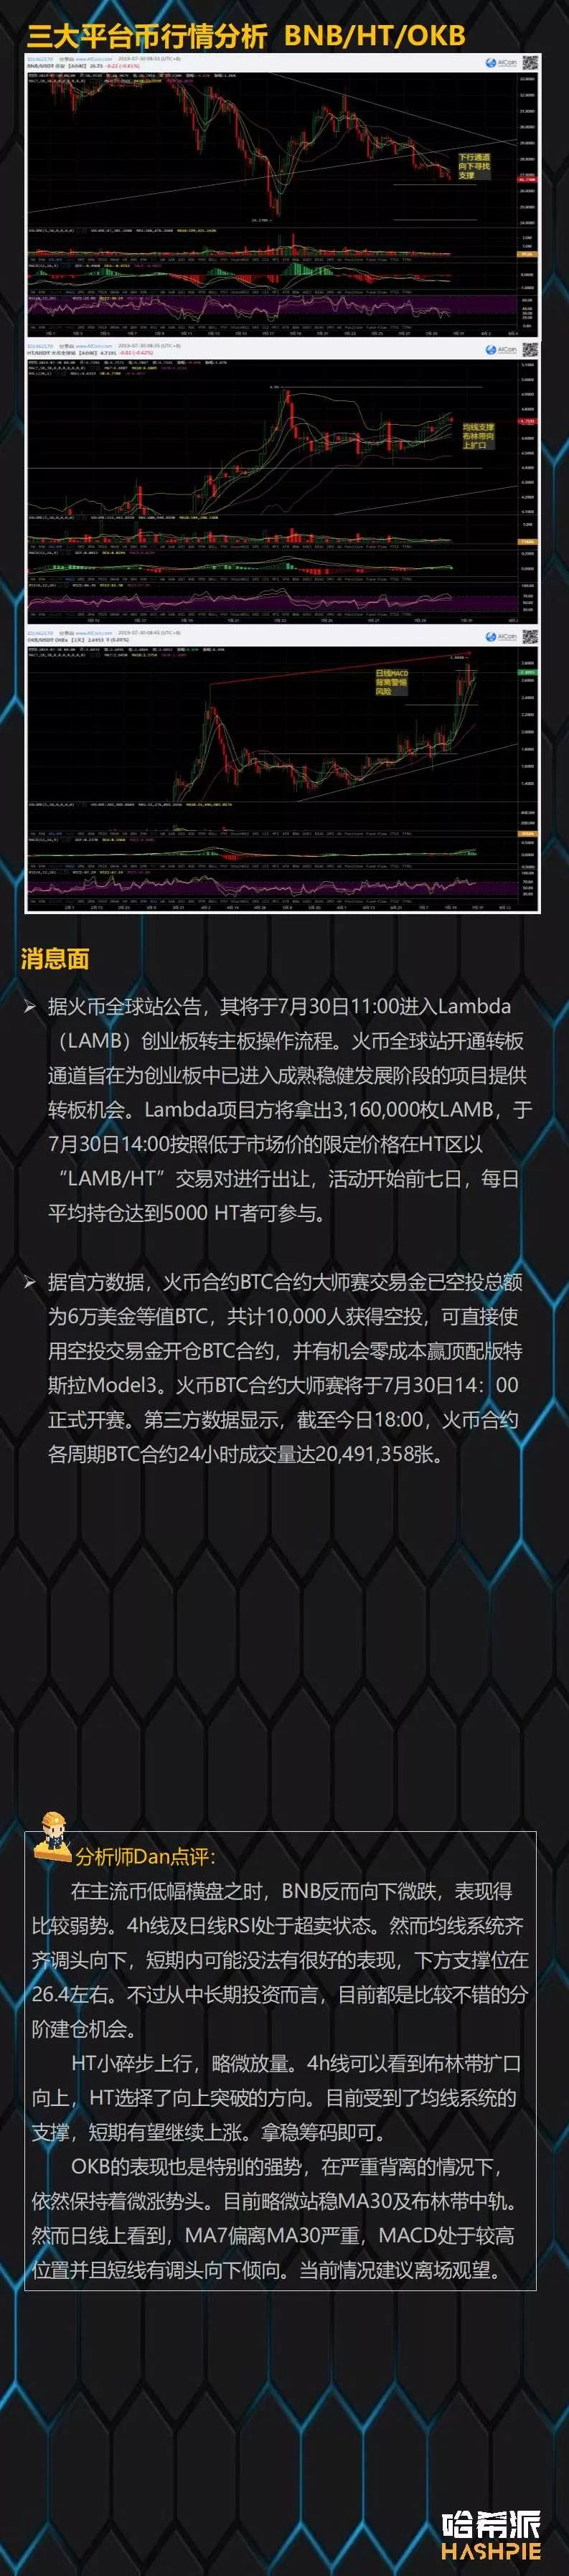 哈希派:USDT黑天鹅风险解除,盘面回到博弈阶段